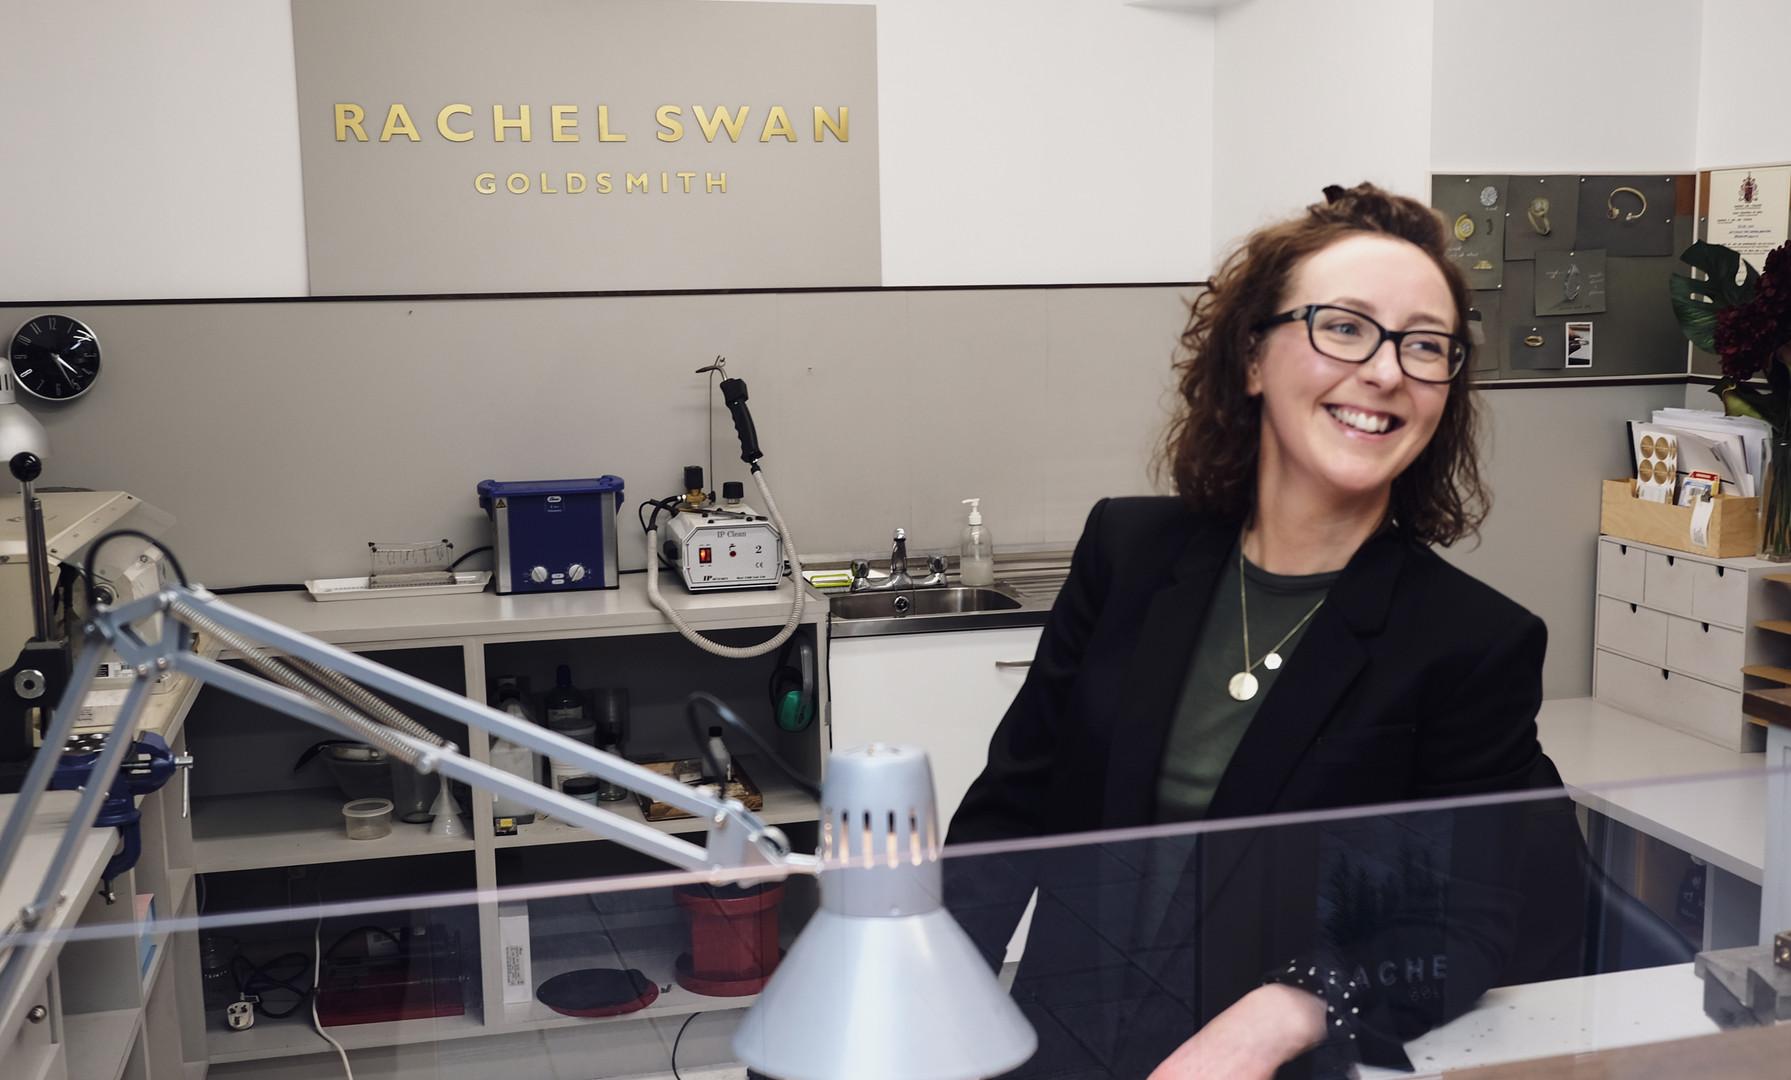 Rachel Swan Goldsmith, Dublin